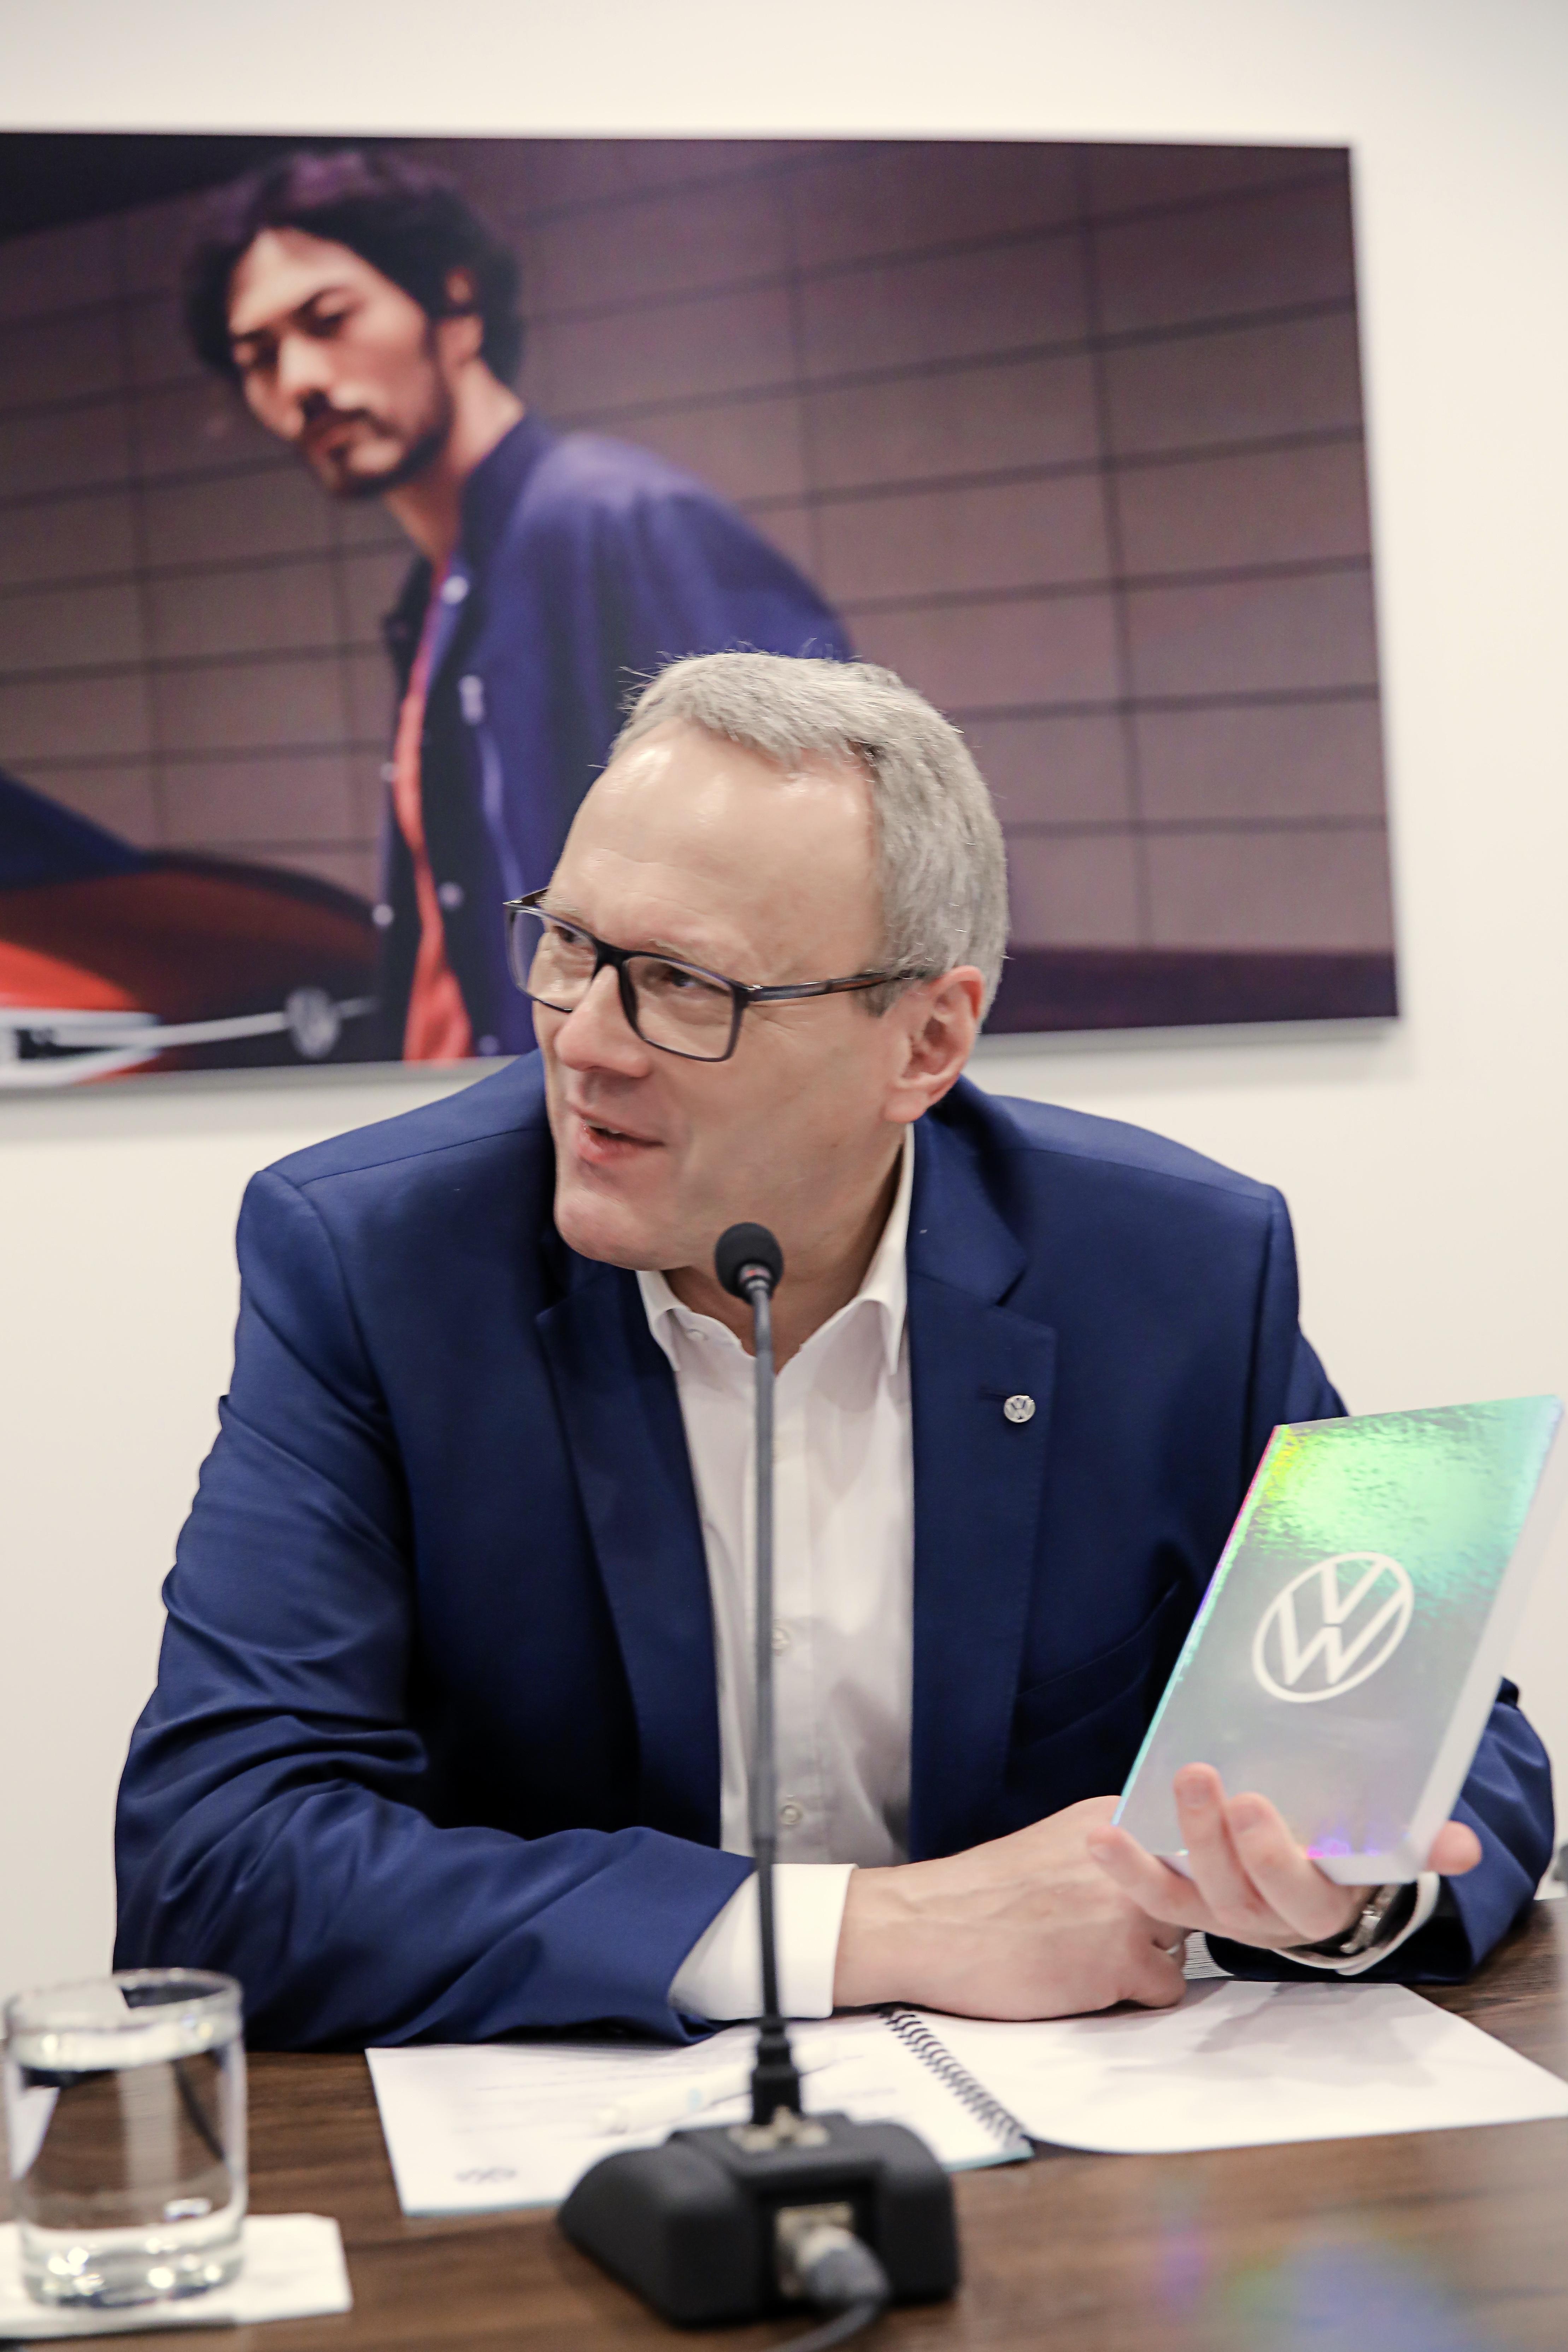 大众汽车乘用车品牌管理董事会成员、大众汽车乘用车品牌中国CEO冯思翰